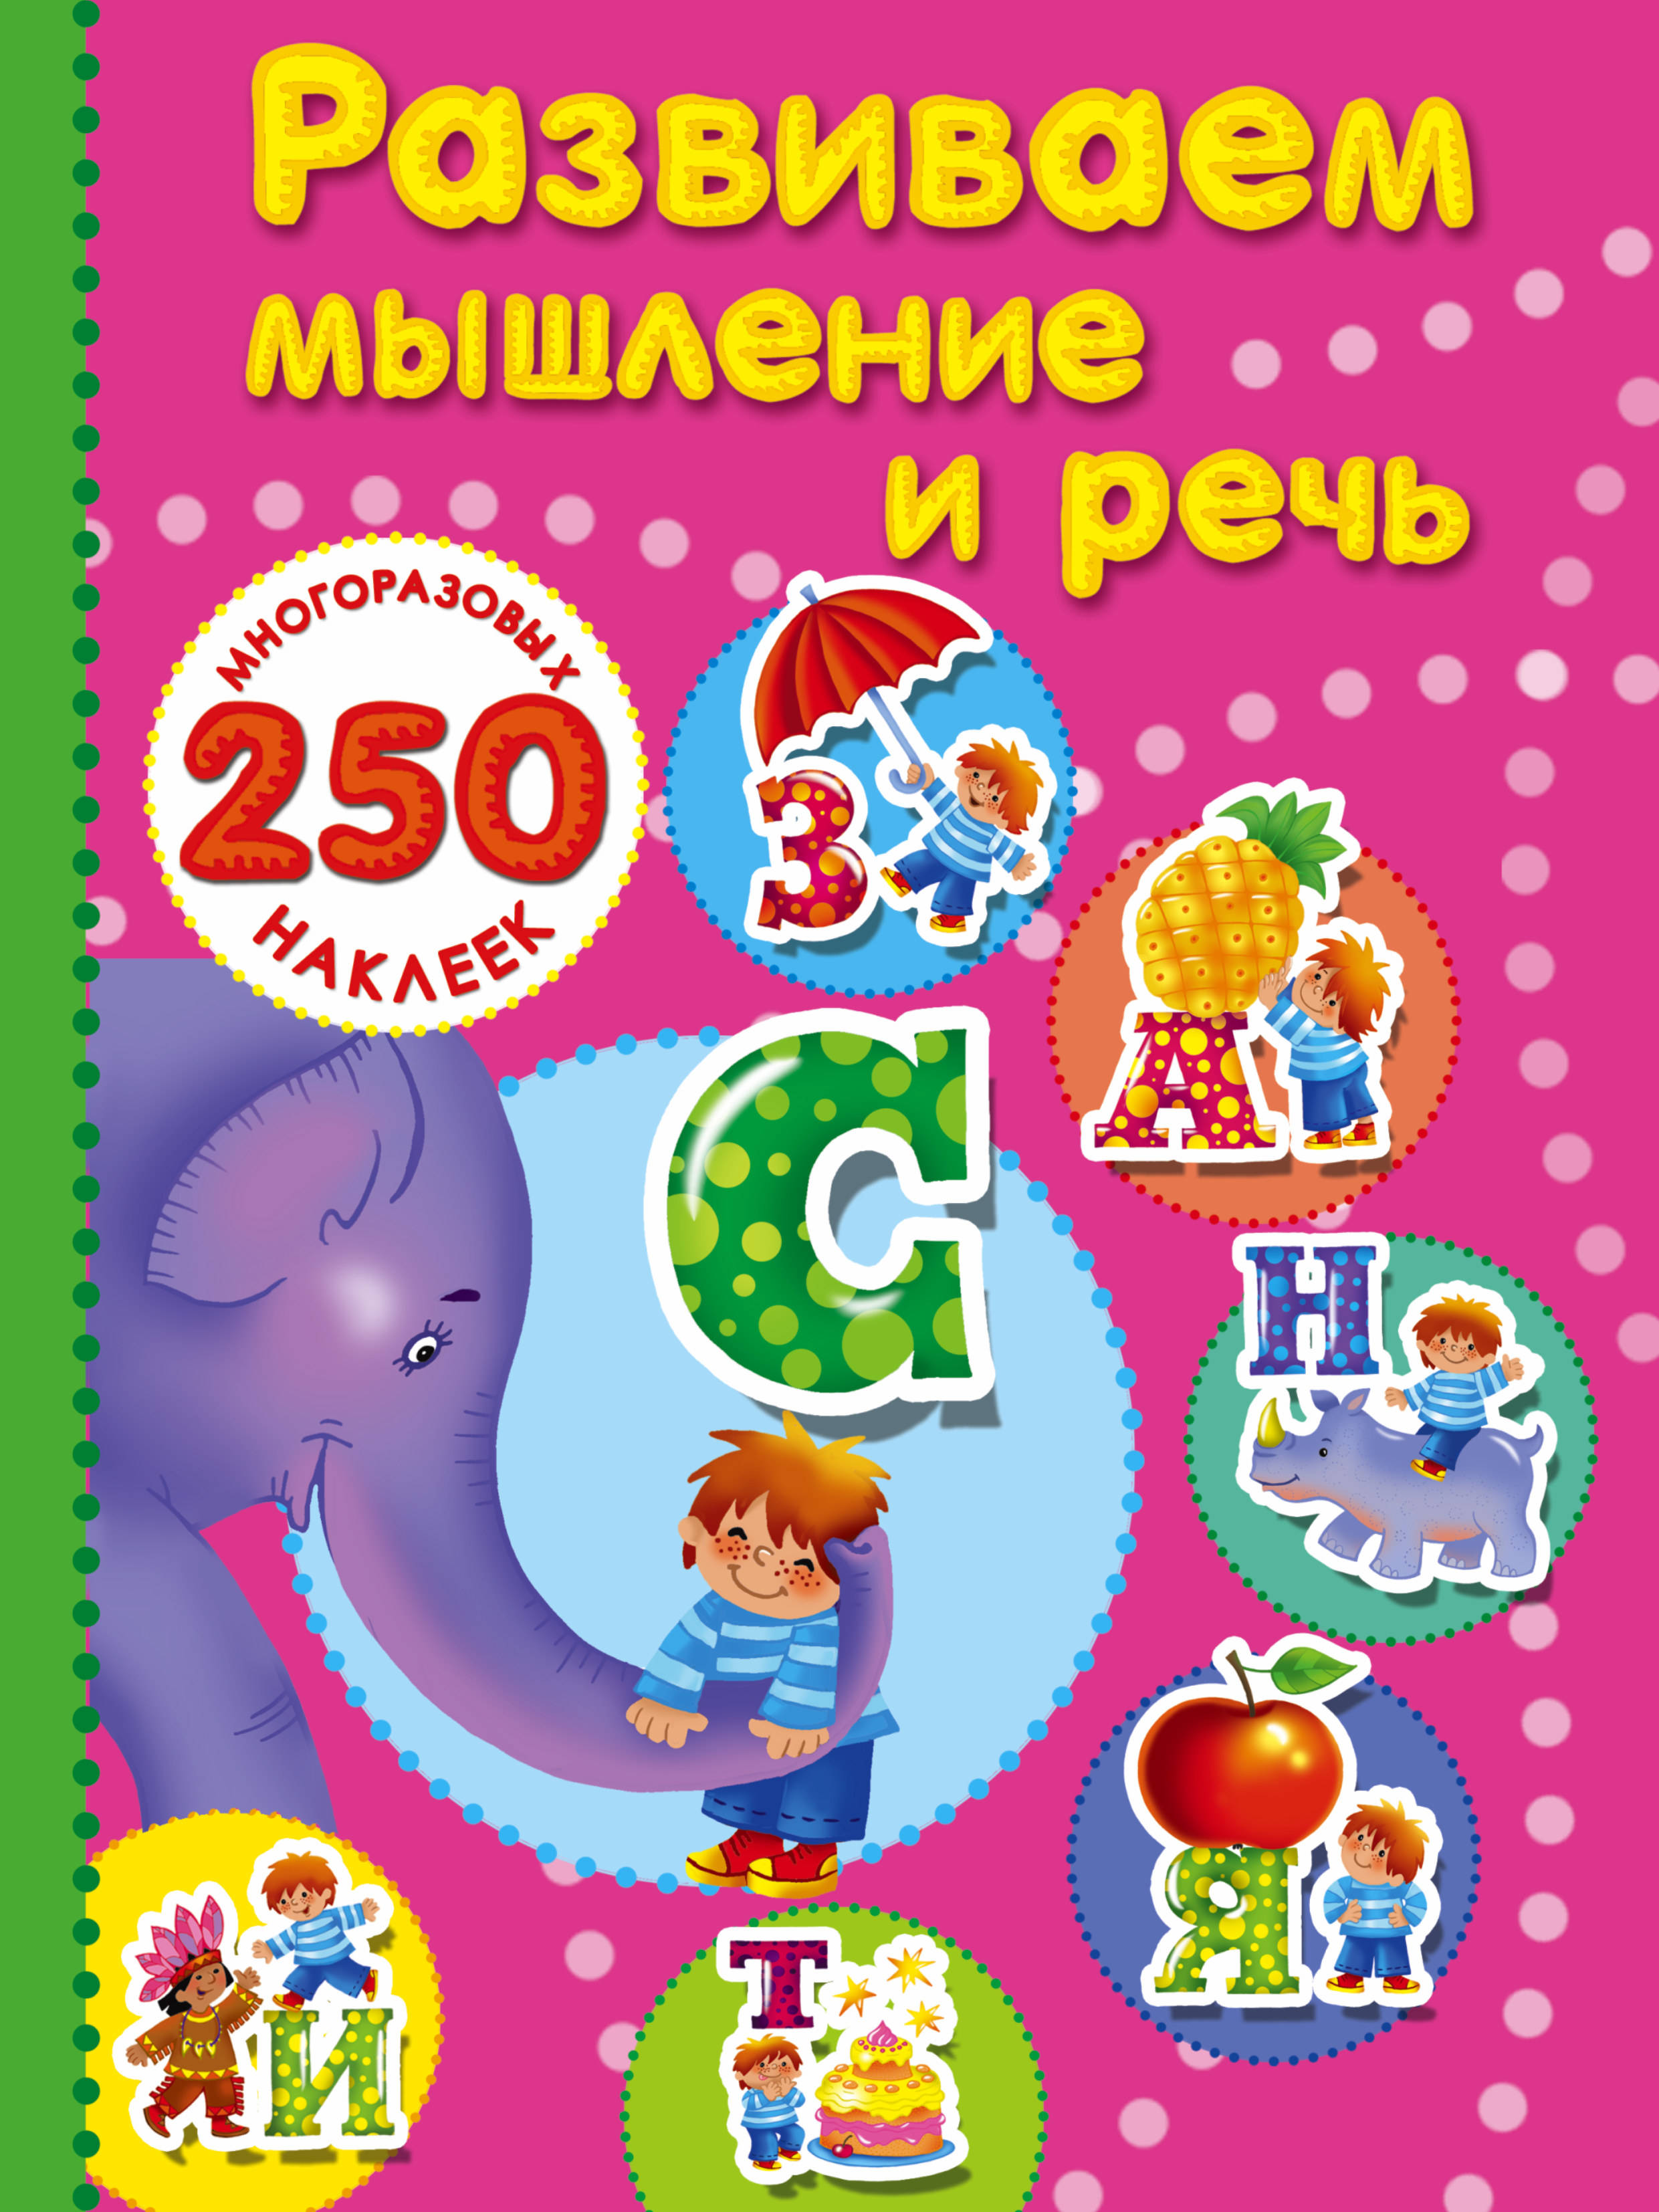 Дмитриева В.Г. Развиваем мышление и речь. гиппенрейтер ю развиваем речь и образное мышление пословицы и поговорки